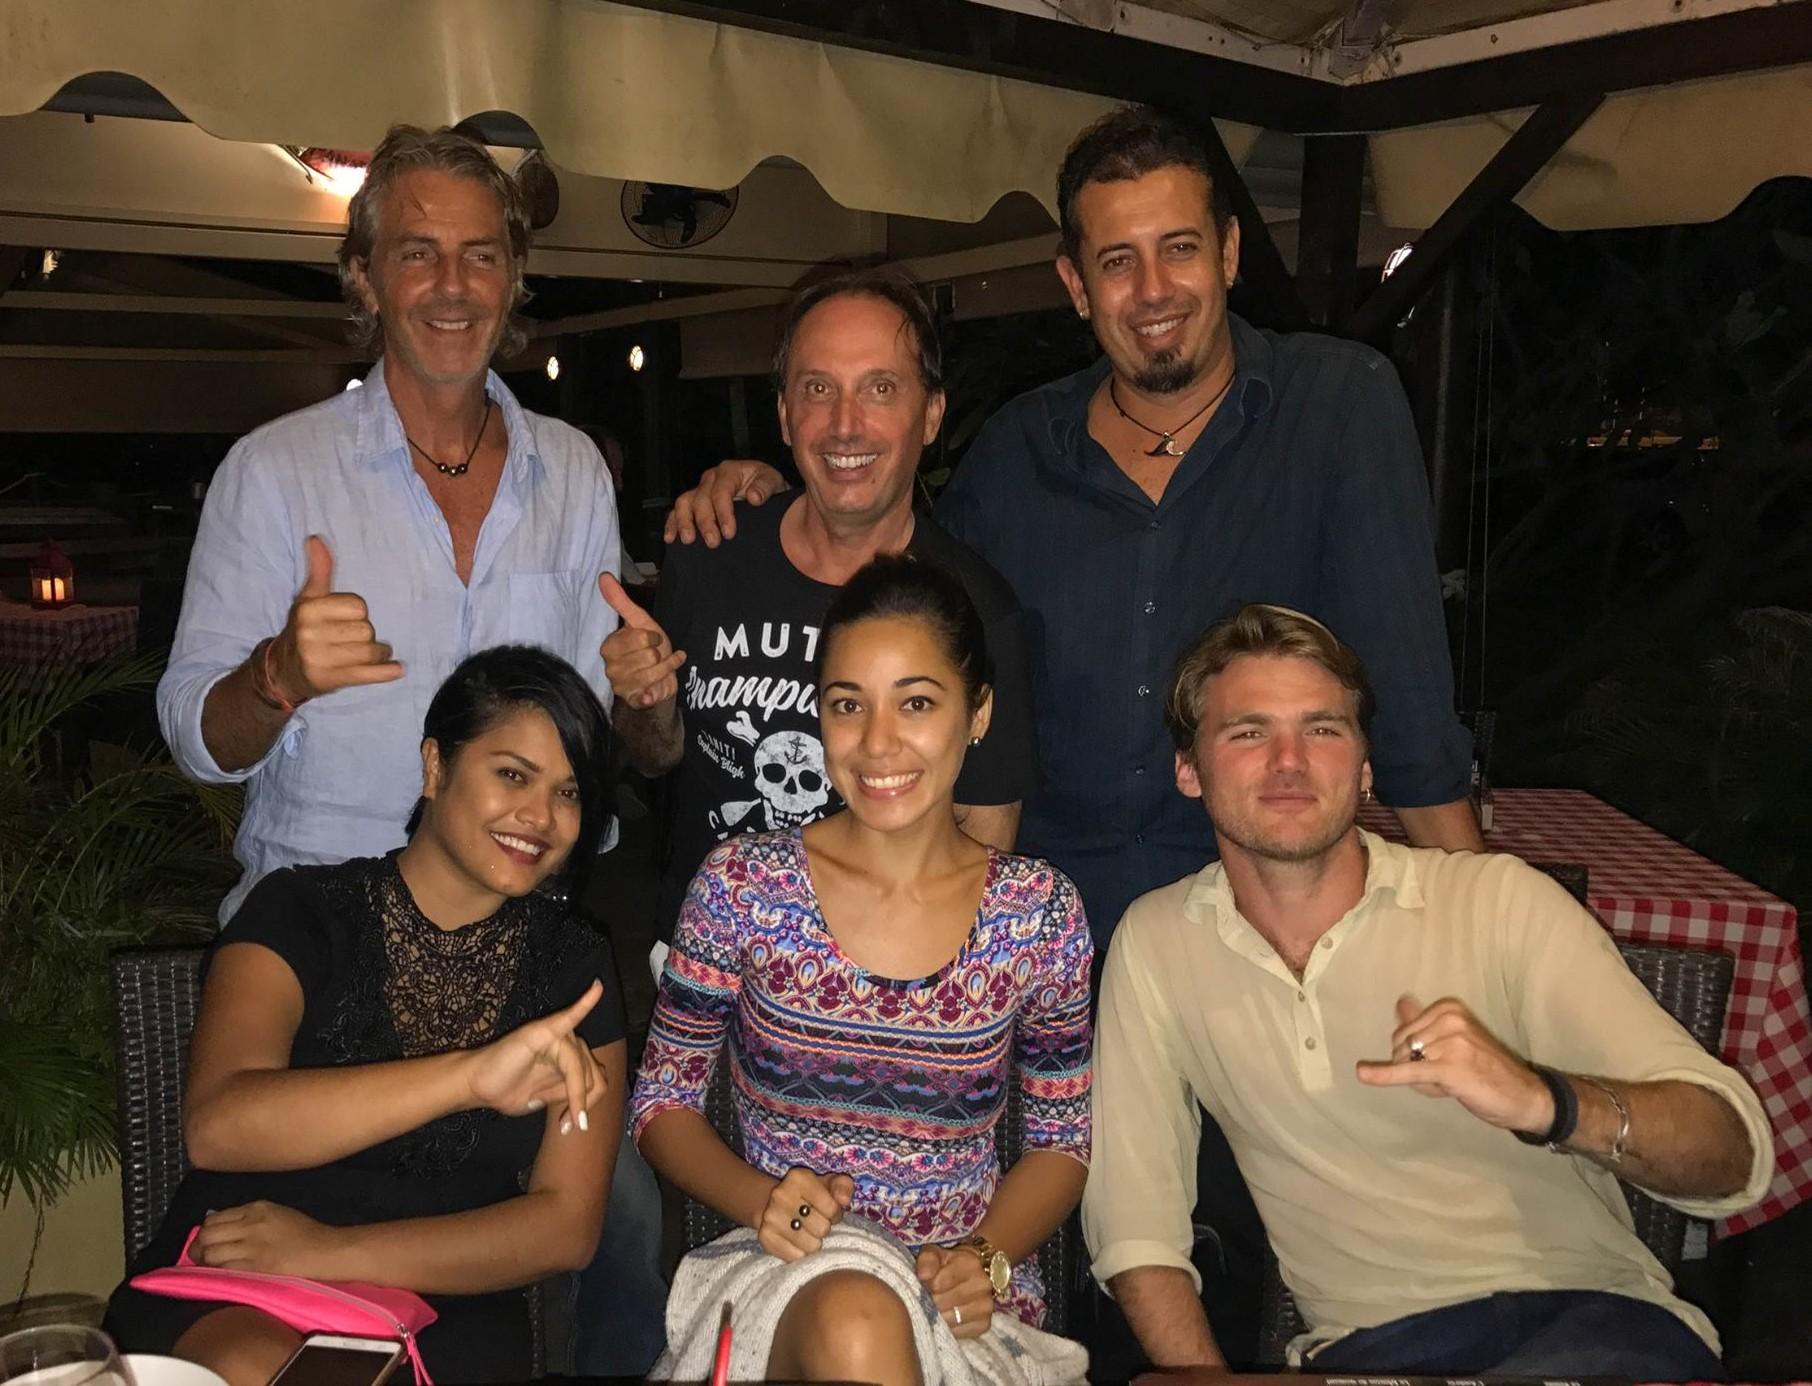 Une partie de l'équipe réunie à Tahiti. En haut, de gauche à droite : Thierry Cordonnier, Phil Nardone et Teiva LC. En bas, de gauche à droite : Vaheana Fernandez, Eva Ariitai et Thomas Jagas.